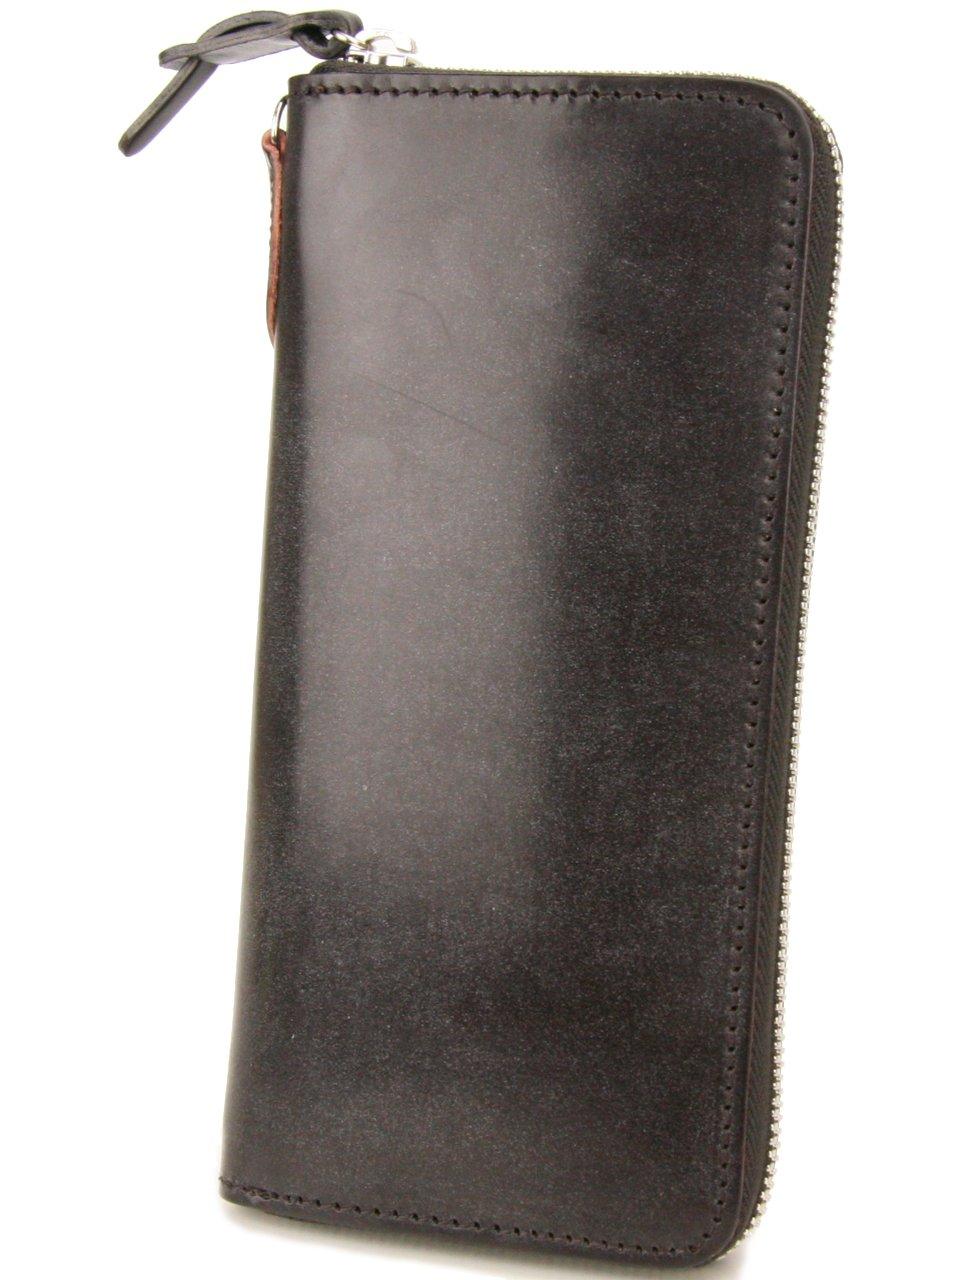 [コルボ] CORBO. 長財布 1LD-0223 アコーディオン型 ラウンドファスナー フェイス ブライドルレザー face Bridle Leather B0044DN8CQ ダークブラウン ダークブラウン